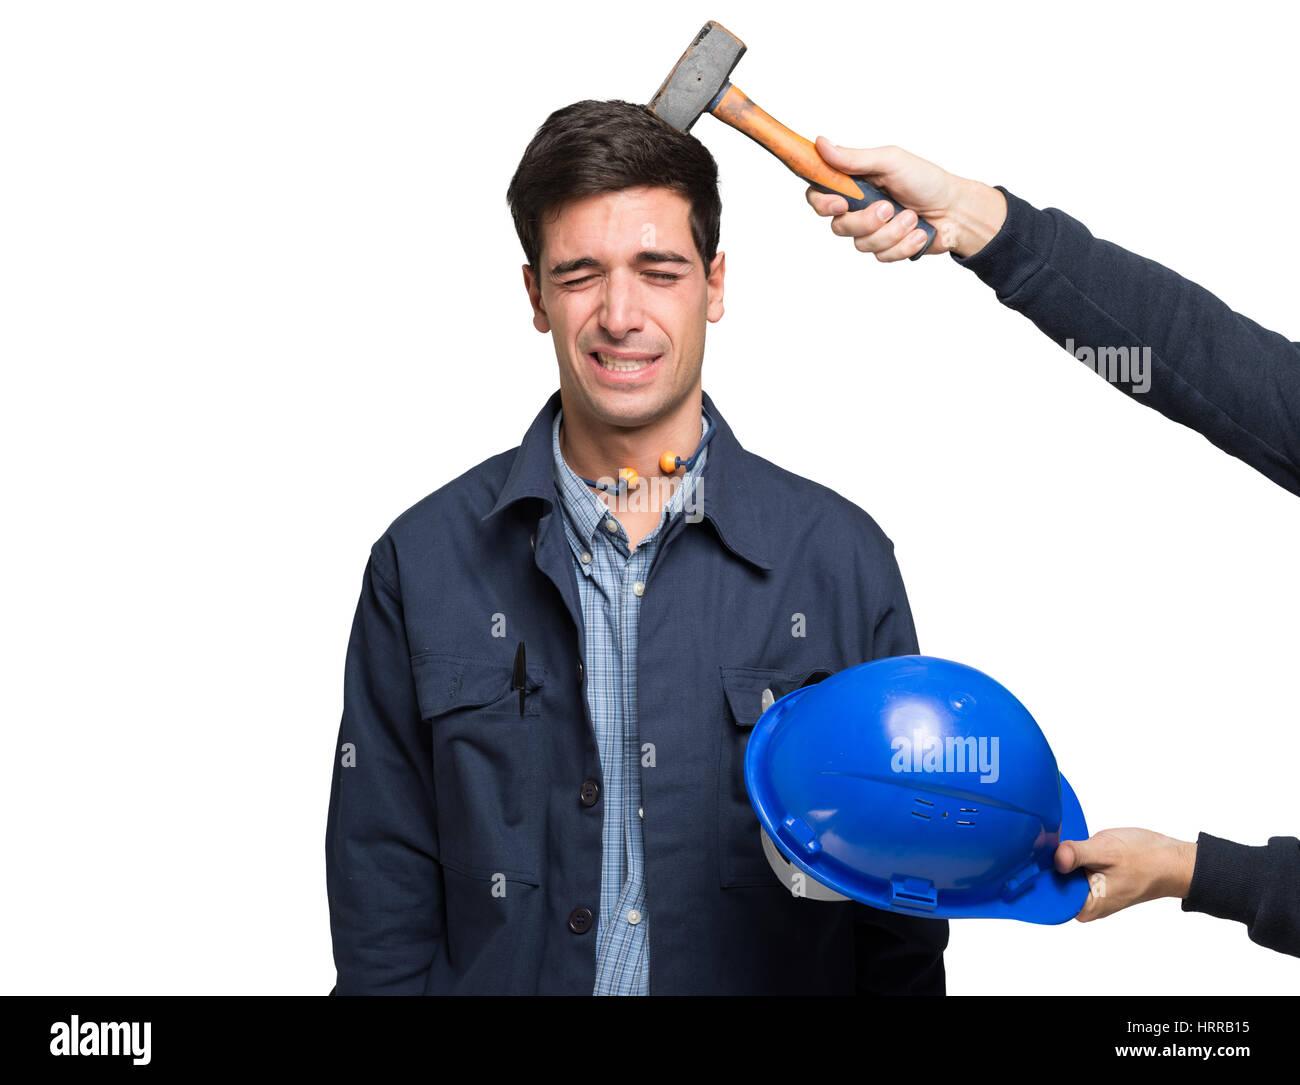 Arbeiter unter einem Hammerschlag auf den Kopf. Isoliert auf weiss Stockbild